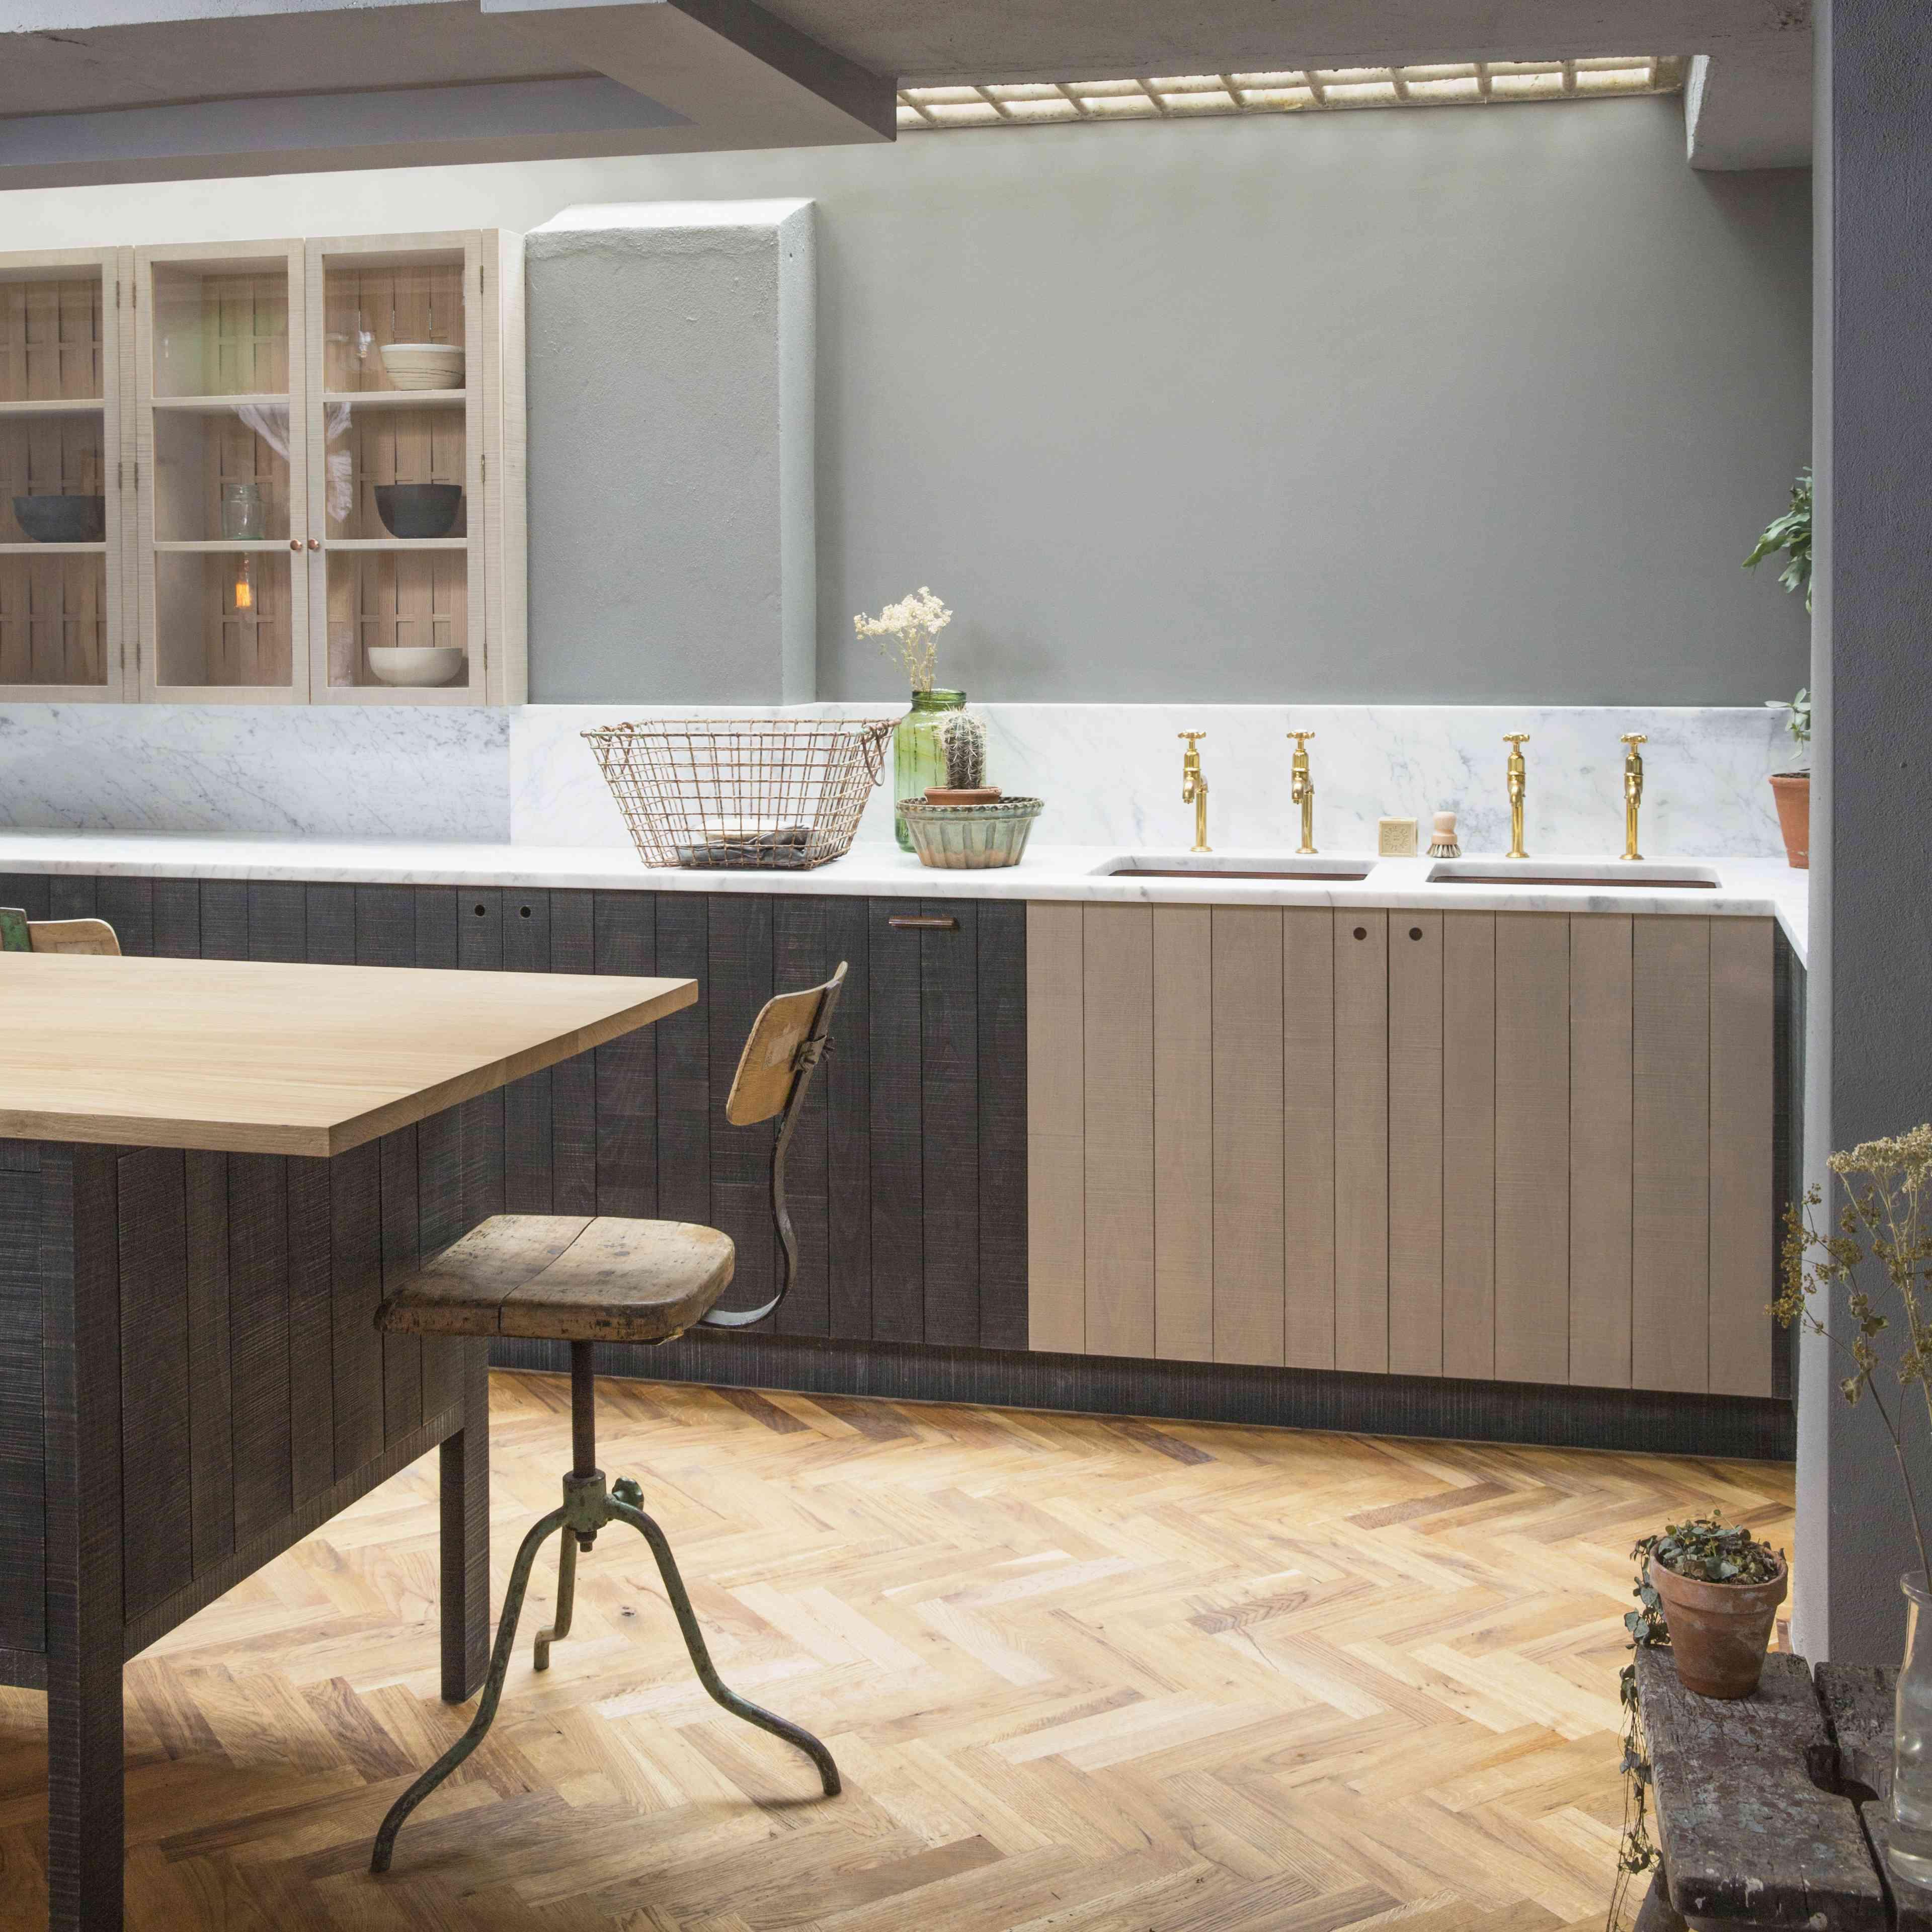 Basement kitchenette